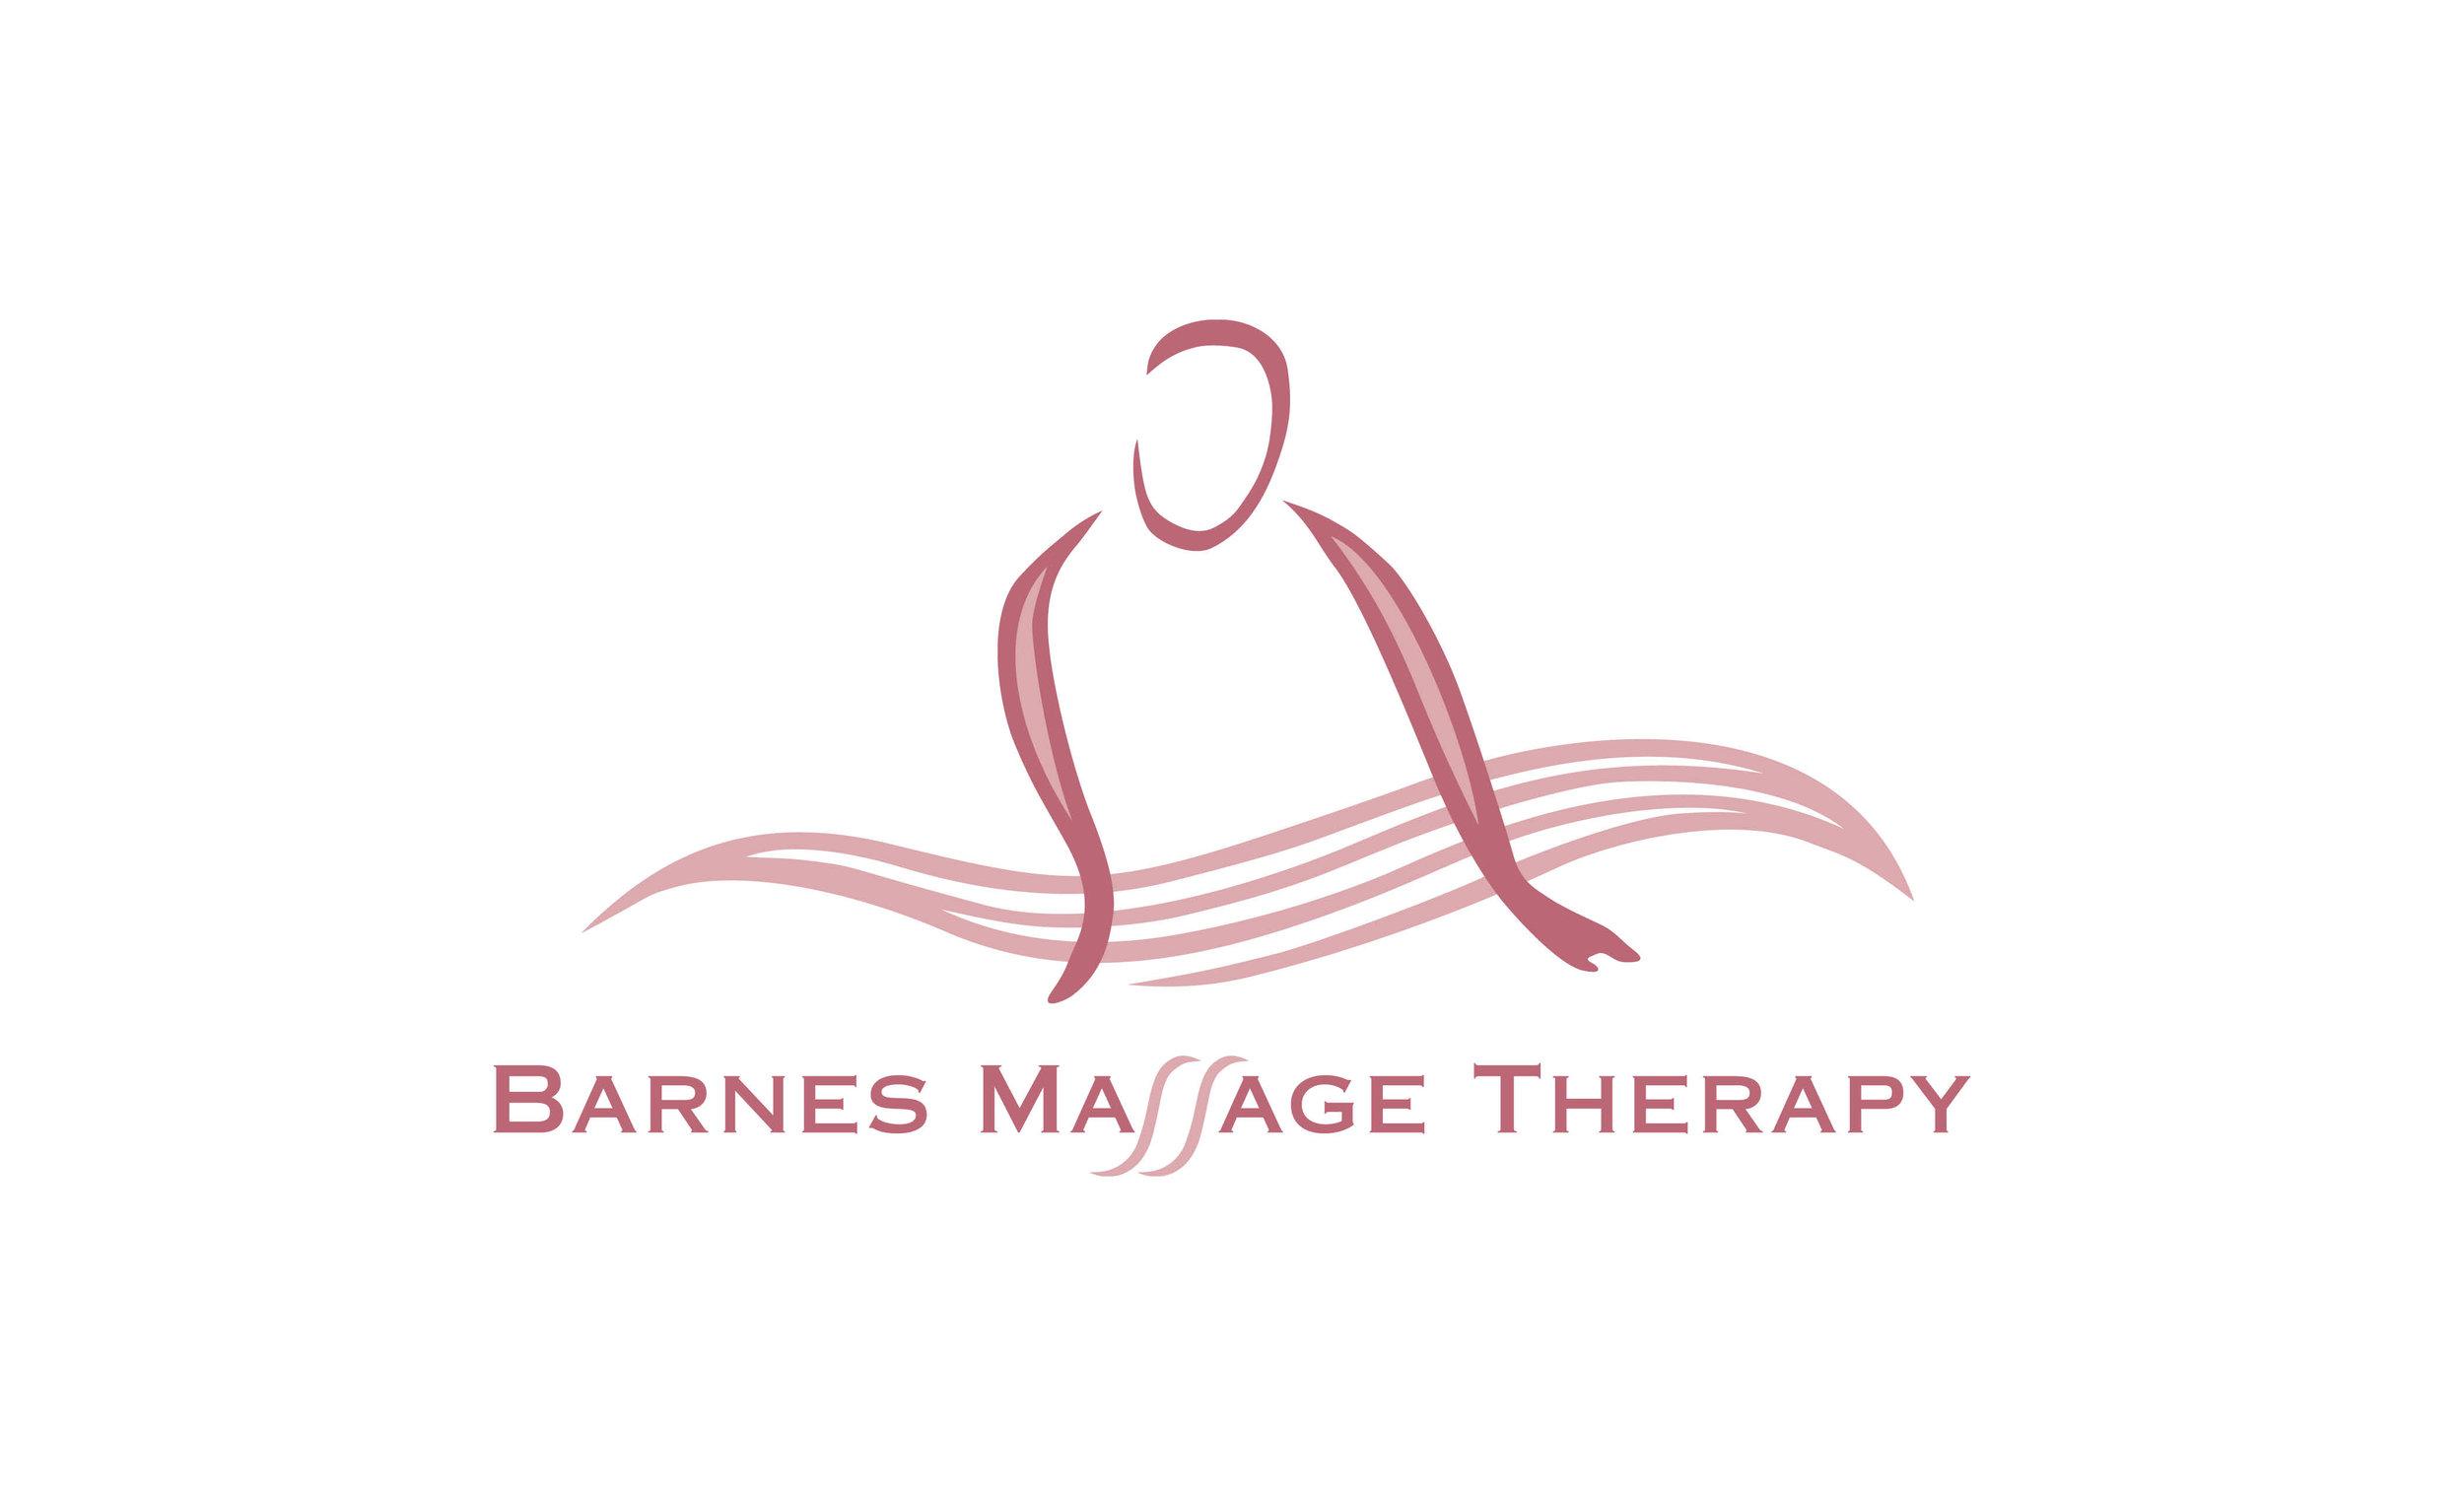 VI_Barnes_Massage_Therapy.jpg